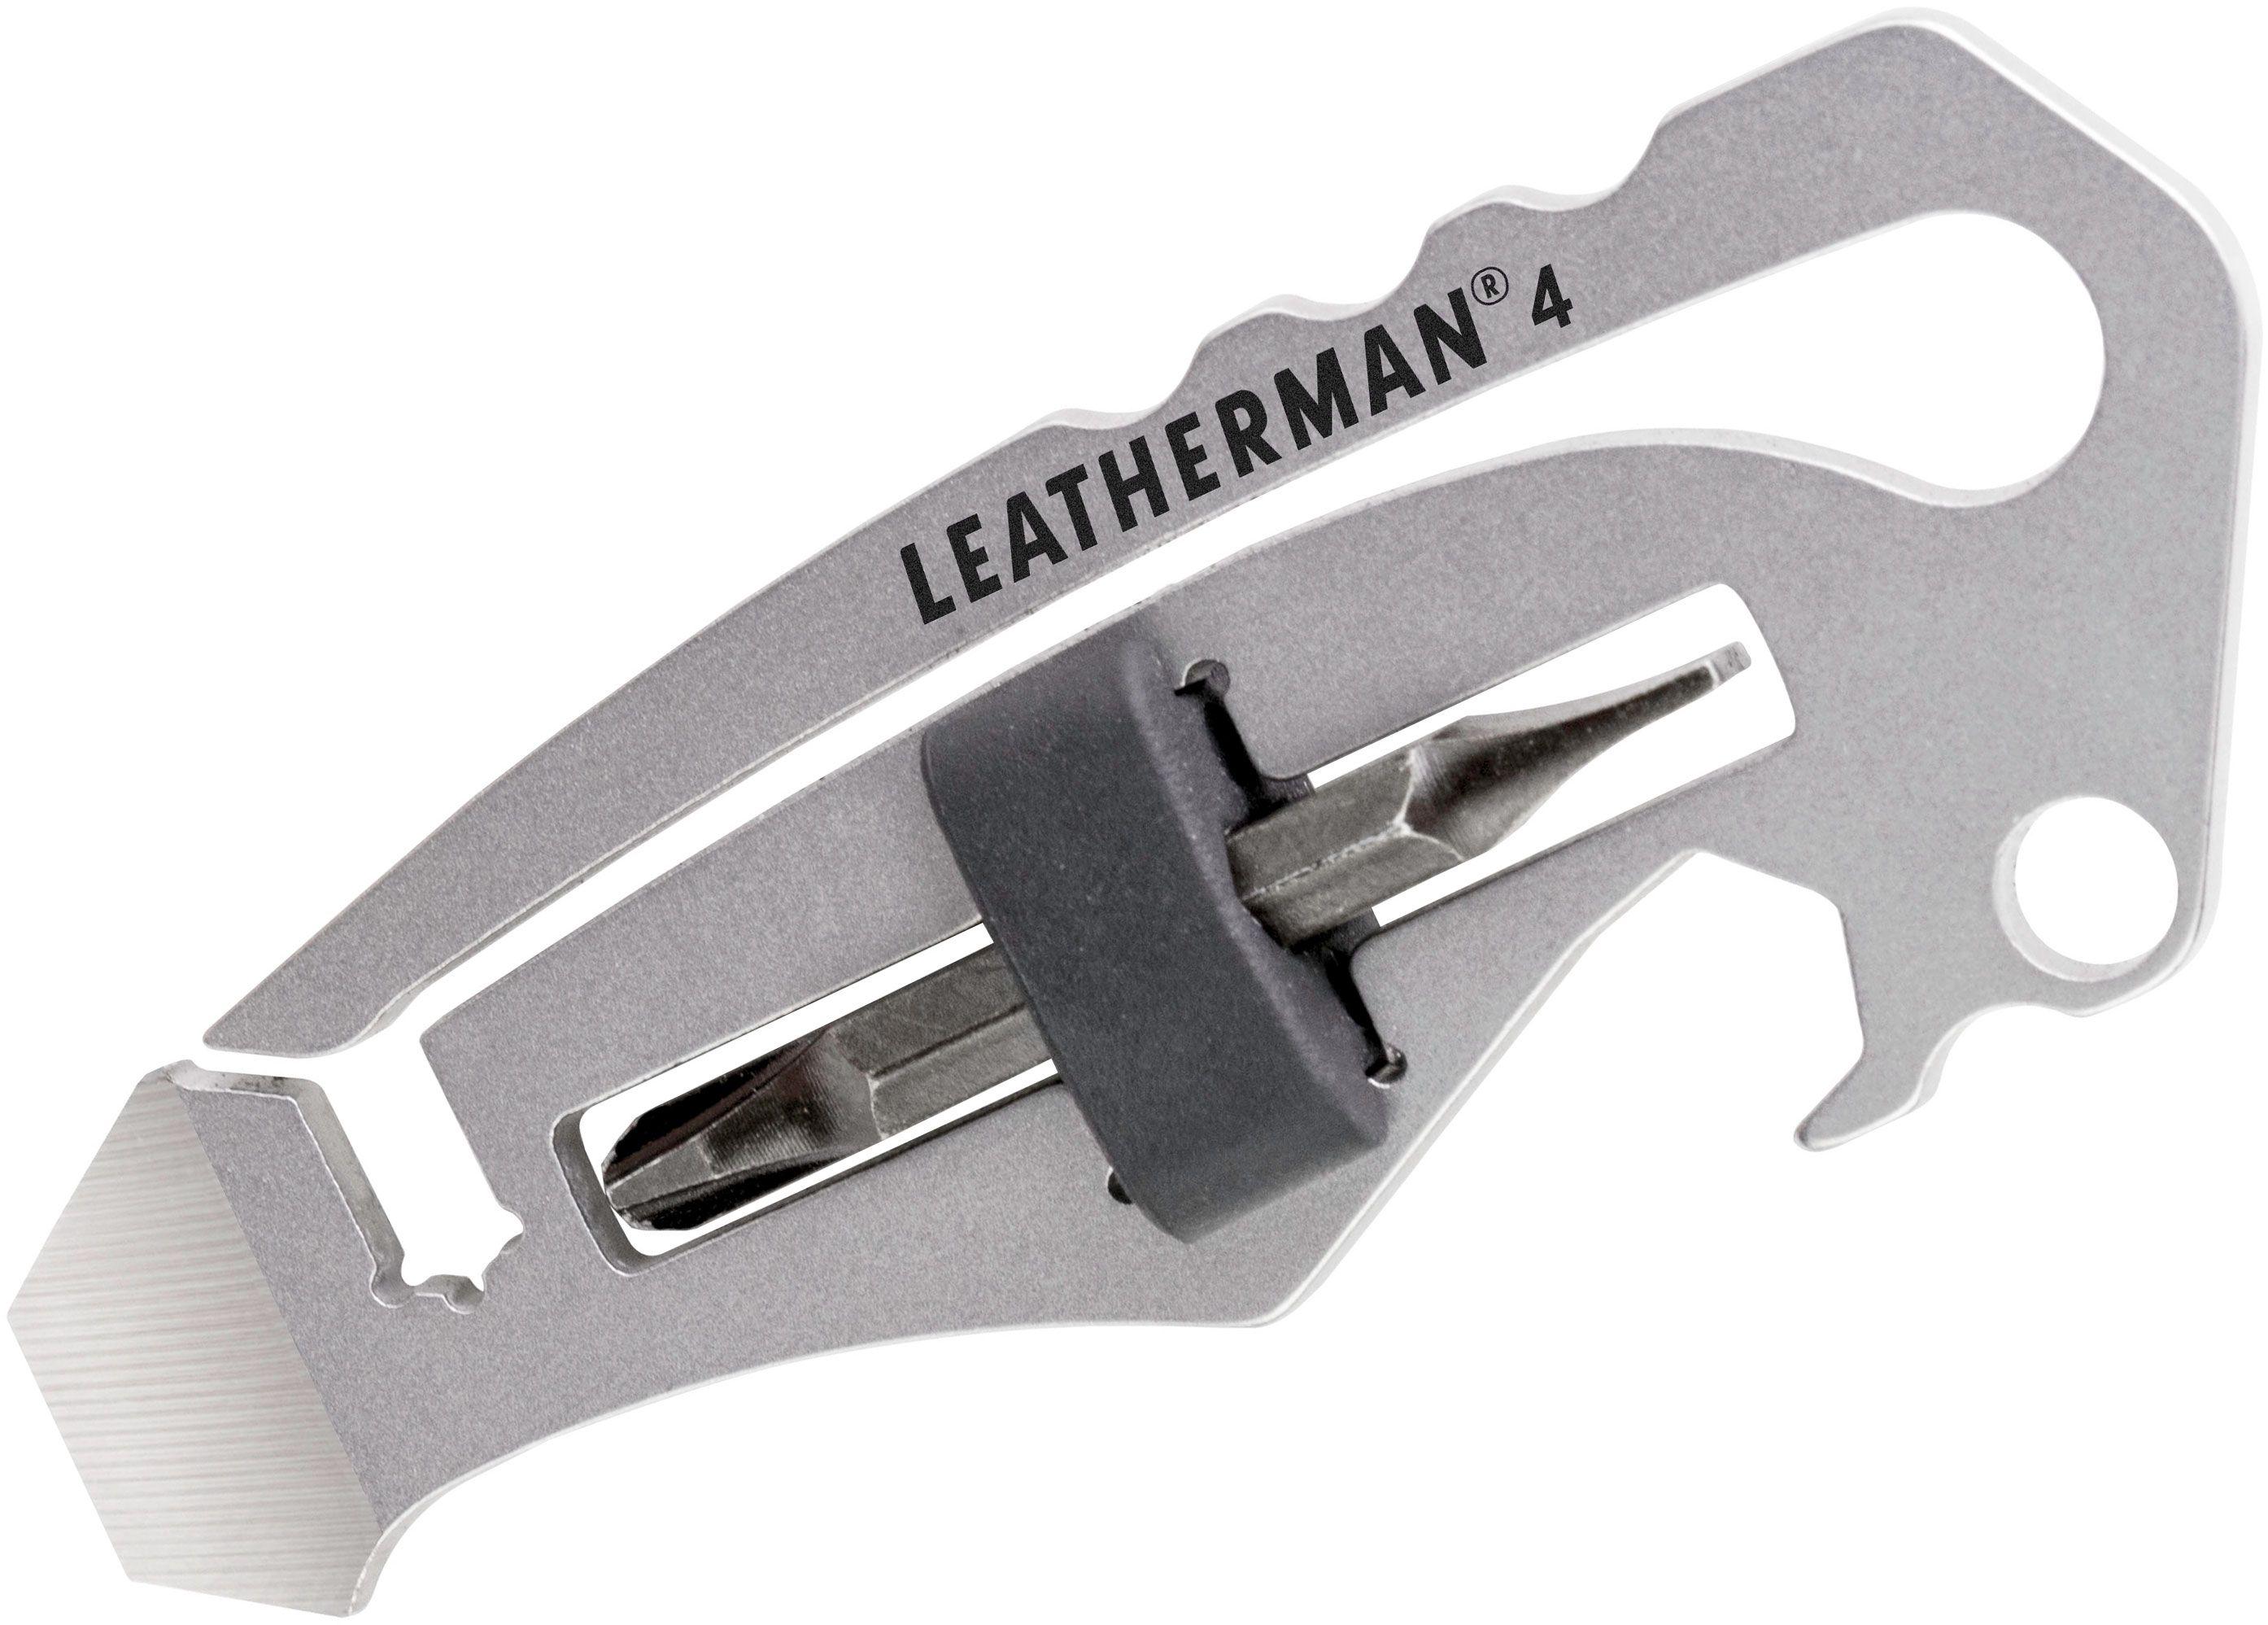 Leatherman Number 4 Keychain Size Mini Multi-Tool